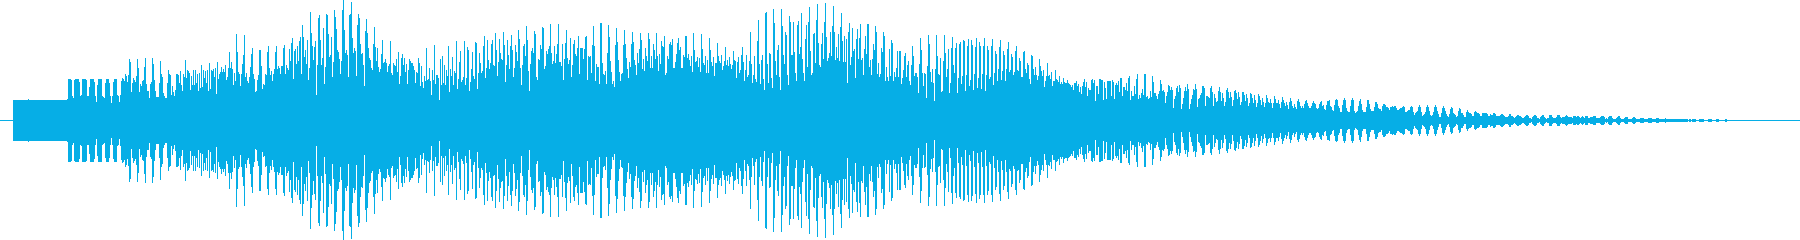 ポロリローン(デジタルチャイム)の再生済みの波形